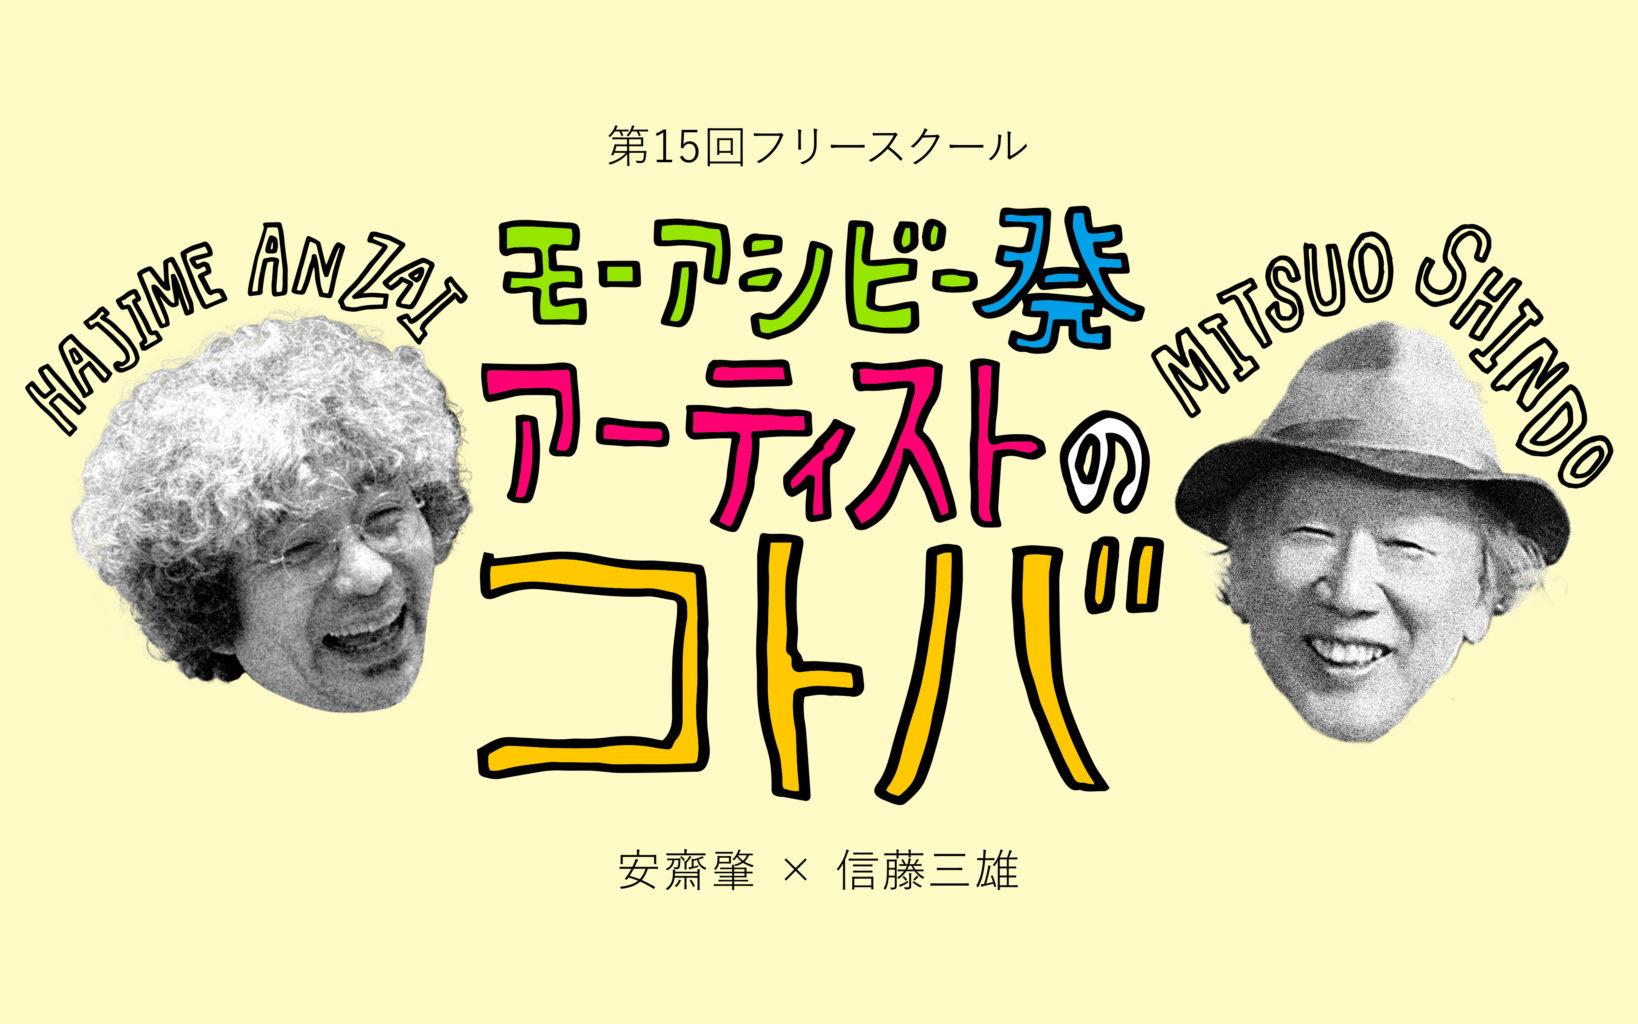 安齋肇さんと、信藤三雄さんのコトバ。